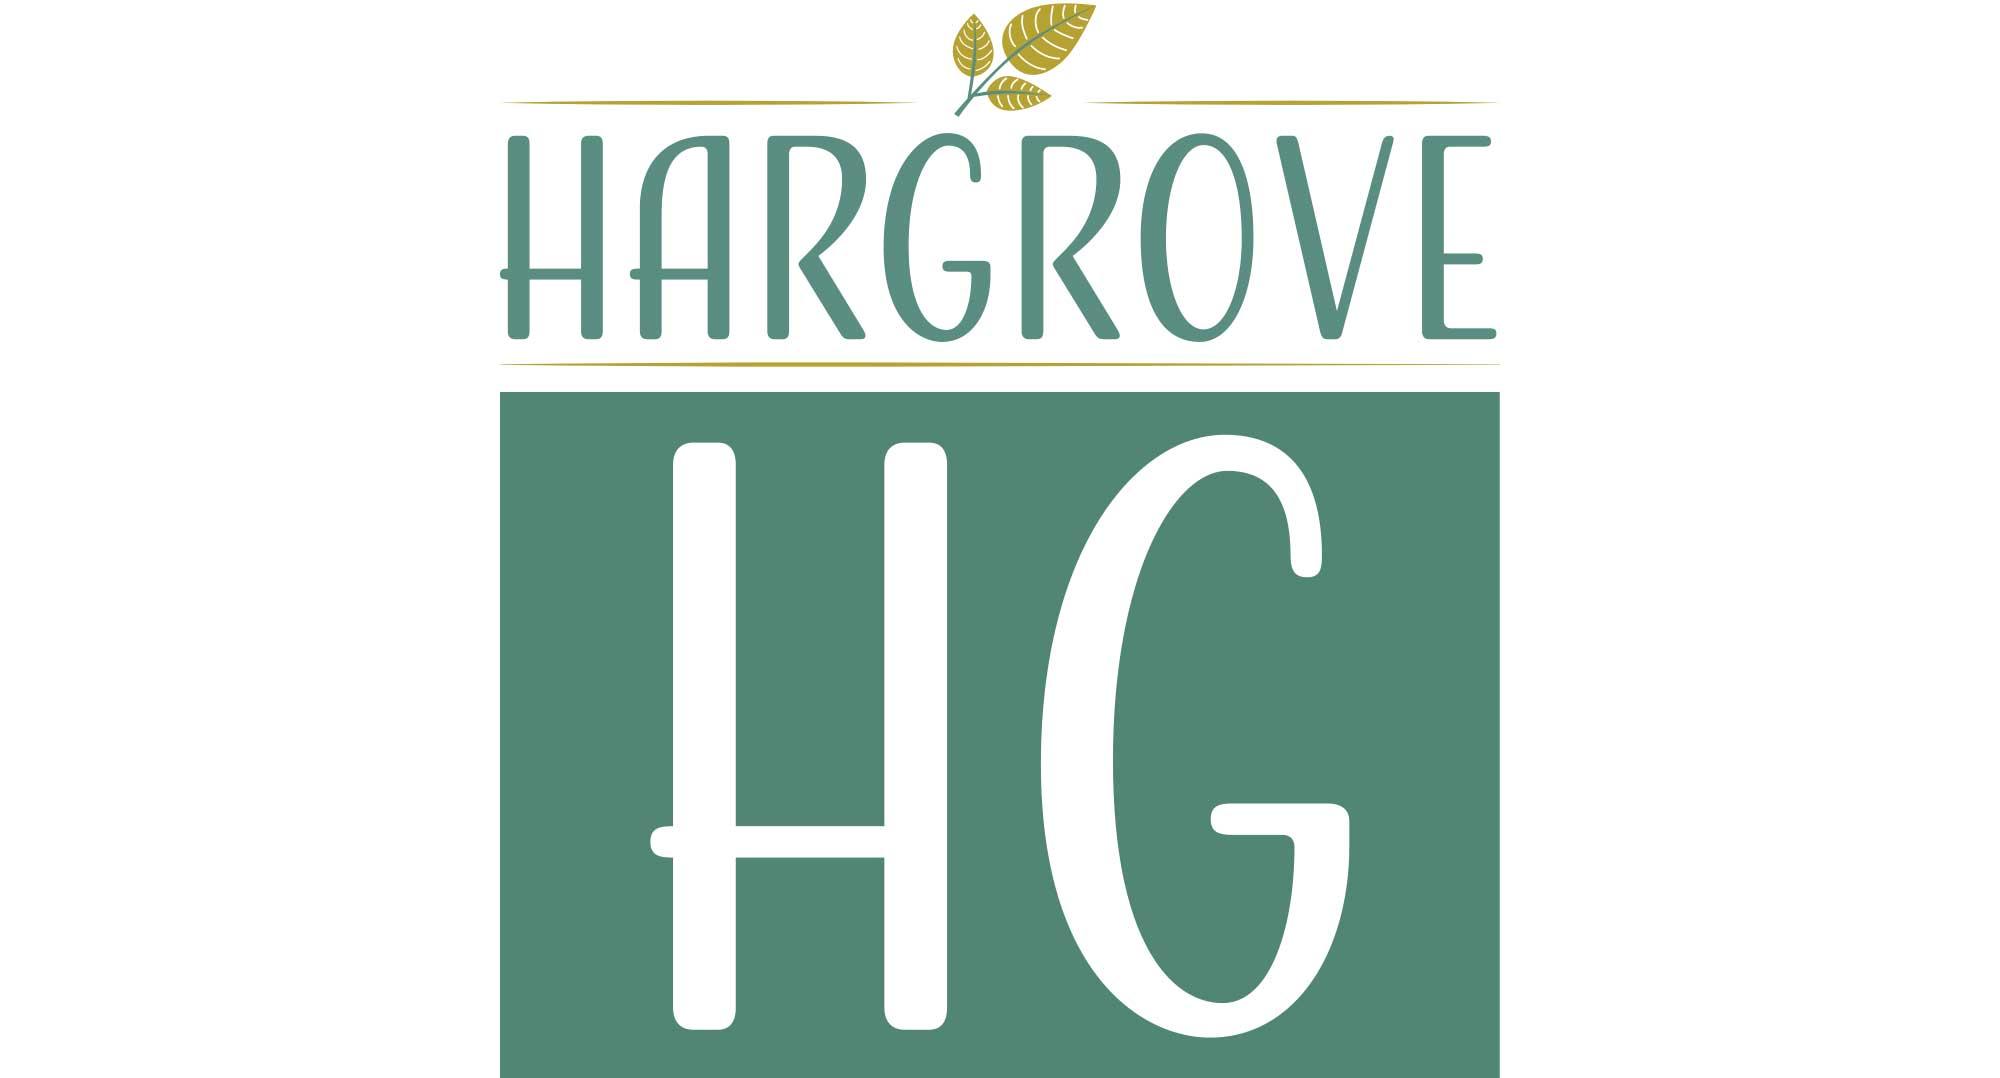 Hargrove in Decatur, Georgia